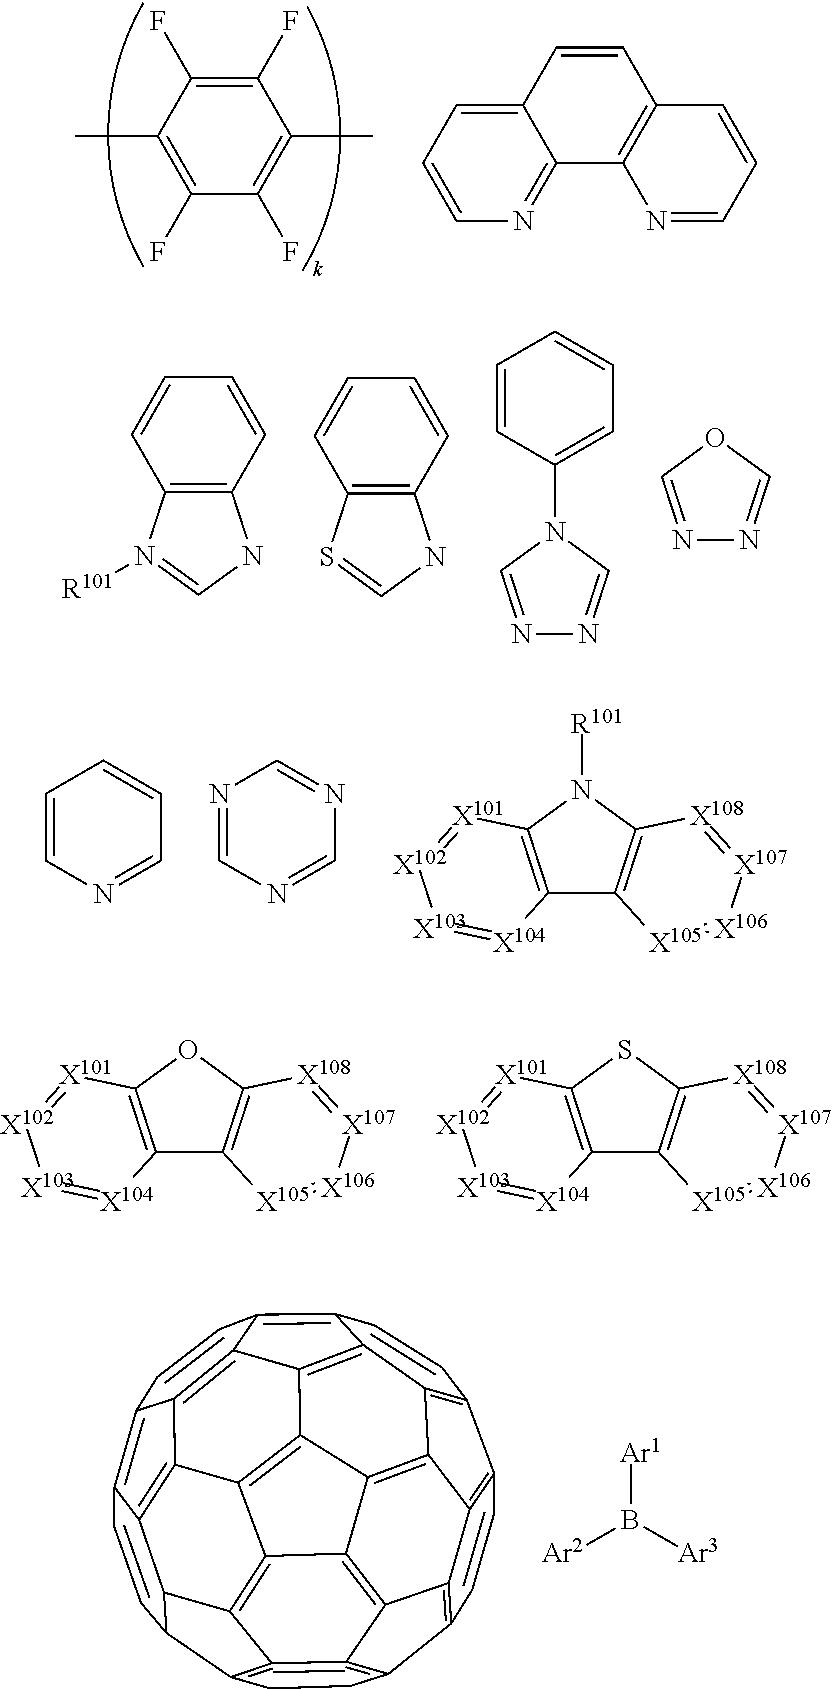 Figure US09935277-20180403-C00105